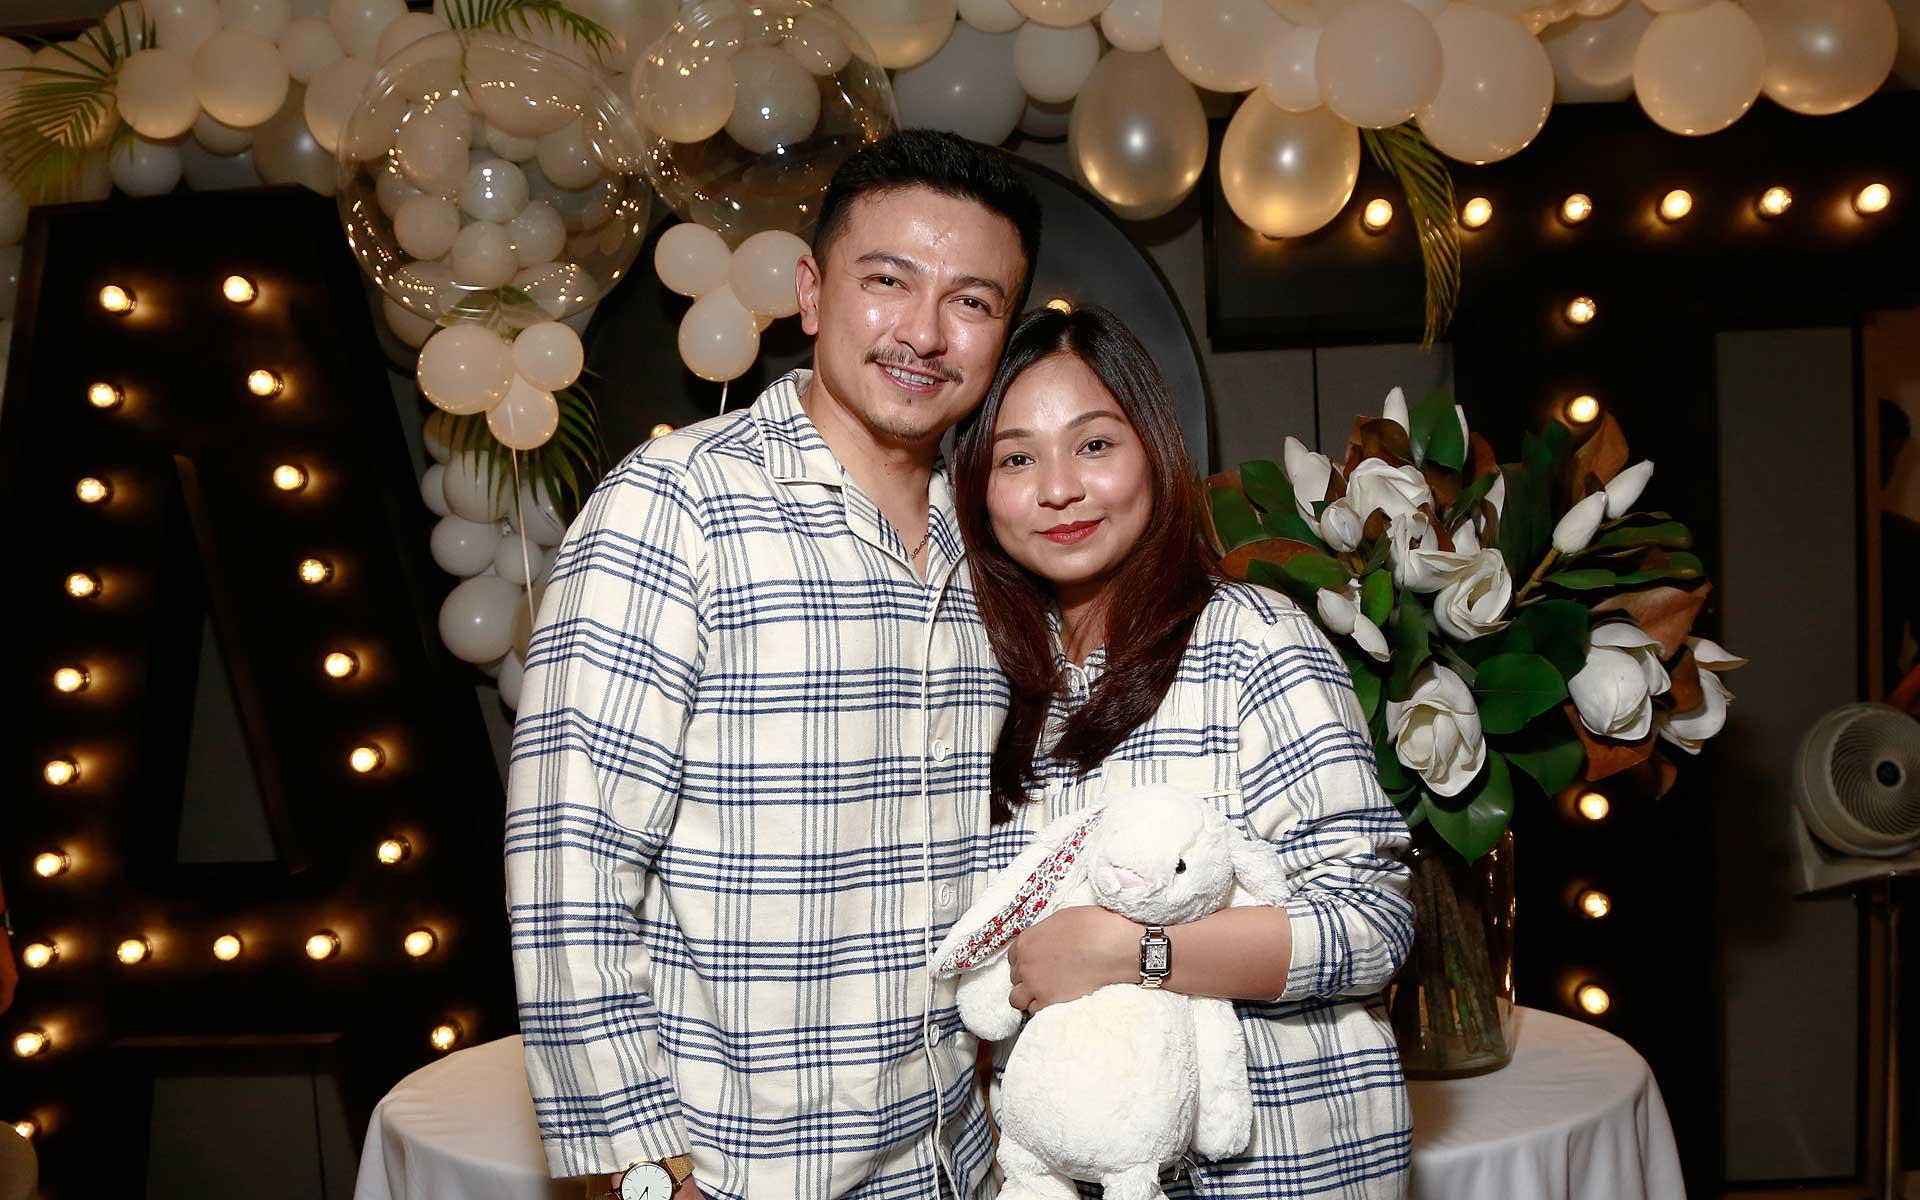 Dato' Jovian Mandagie and Datin Nina Sabrina Ismail Sabri